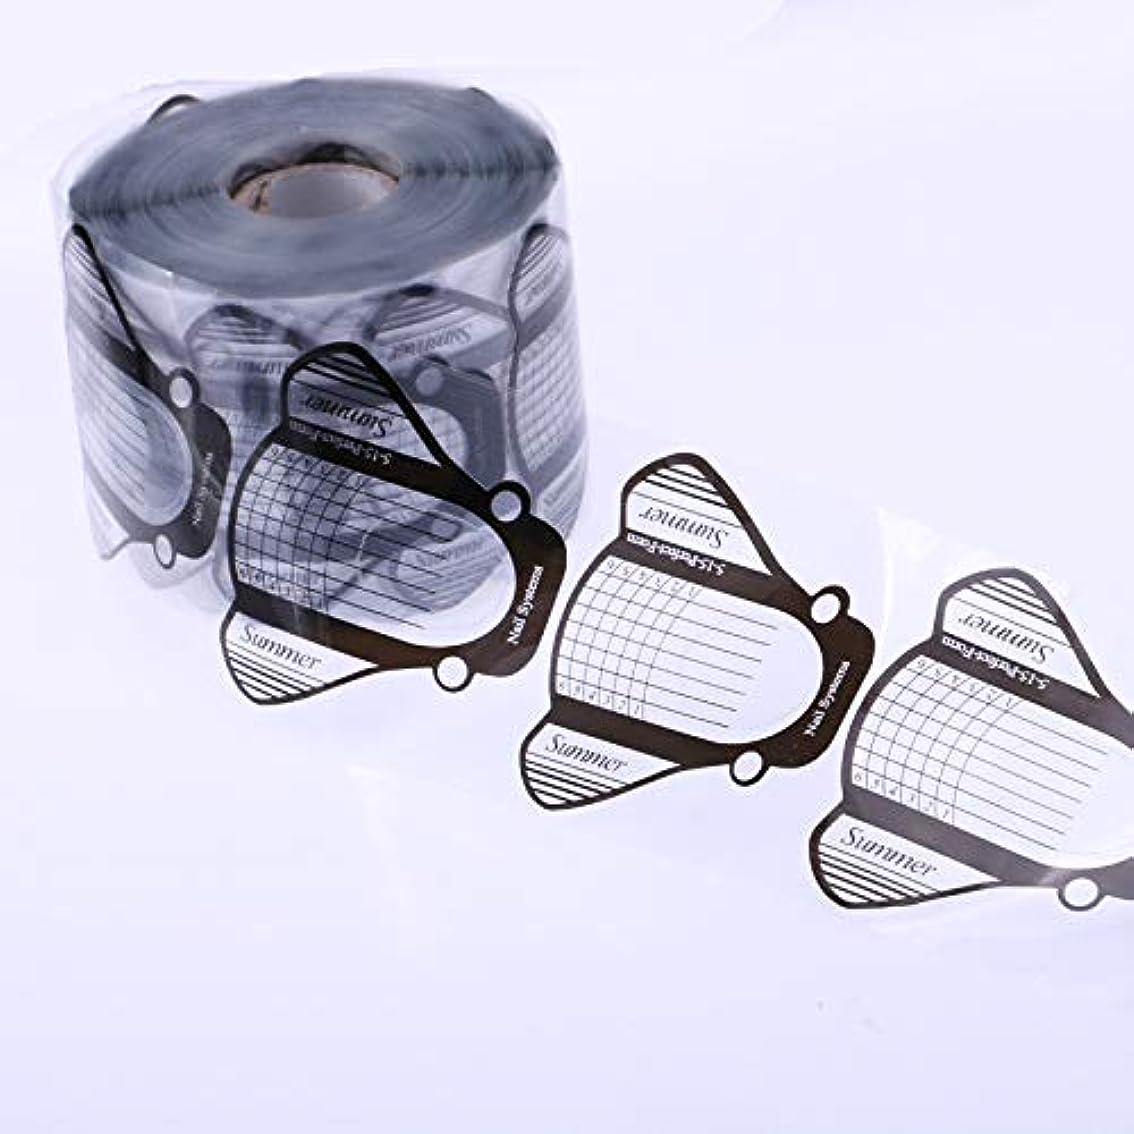 歩く制限する神秘的な100枚高品質激安フォームジェルネイルスカルプチャースカルプチュアネイルフォームアクリル用使いやすい